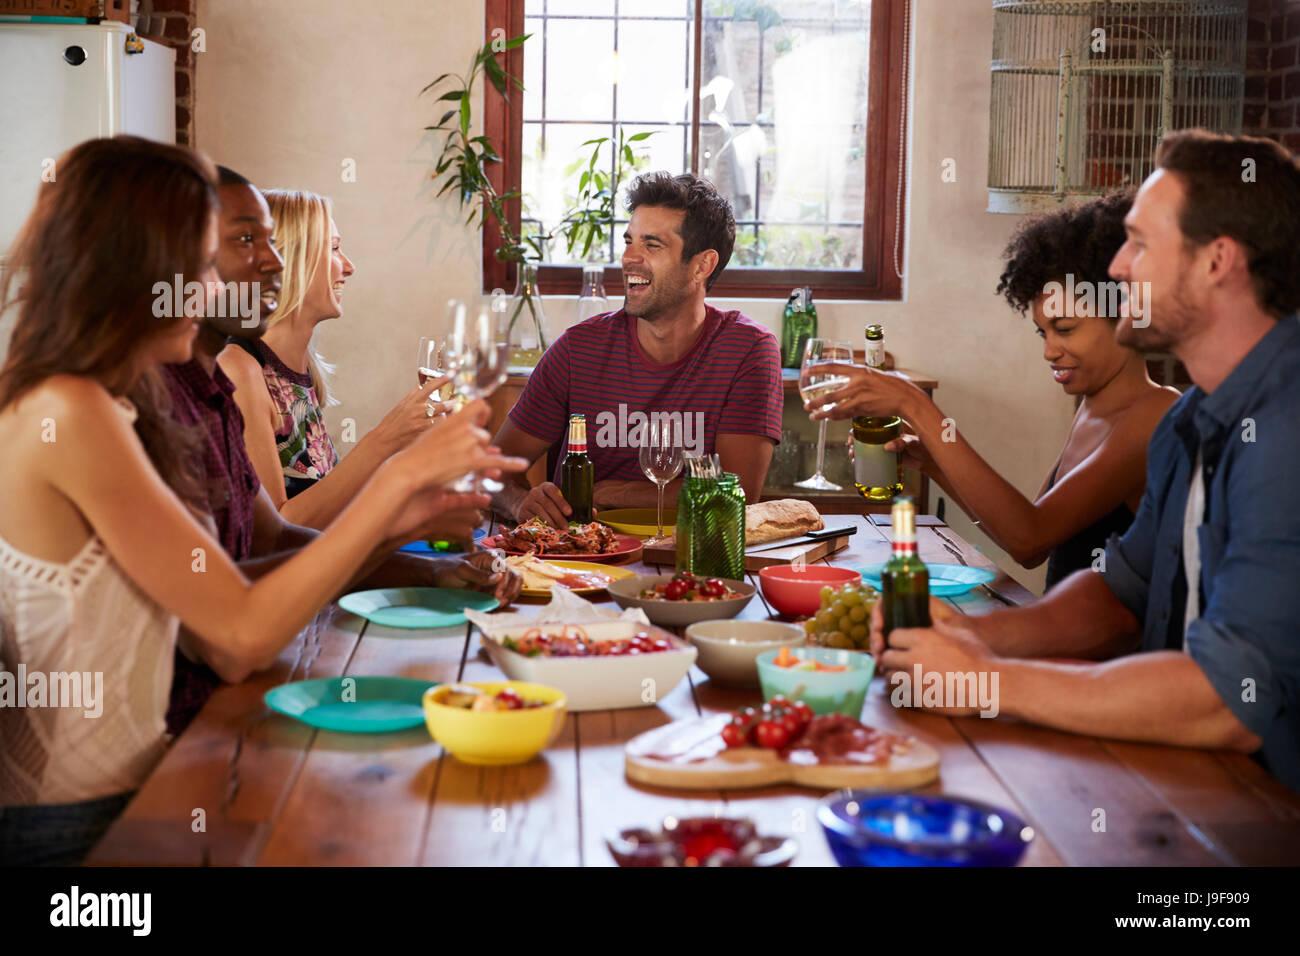 Sechs junge Erwachsene Freunde sitzen am Tisch für eine Dinner-party Stockbild